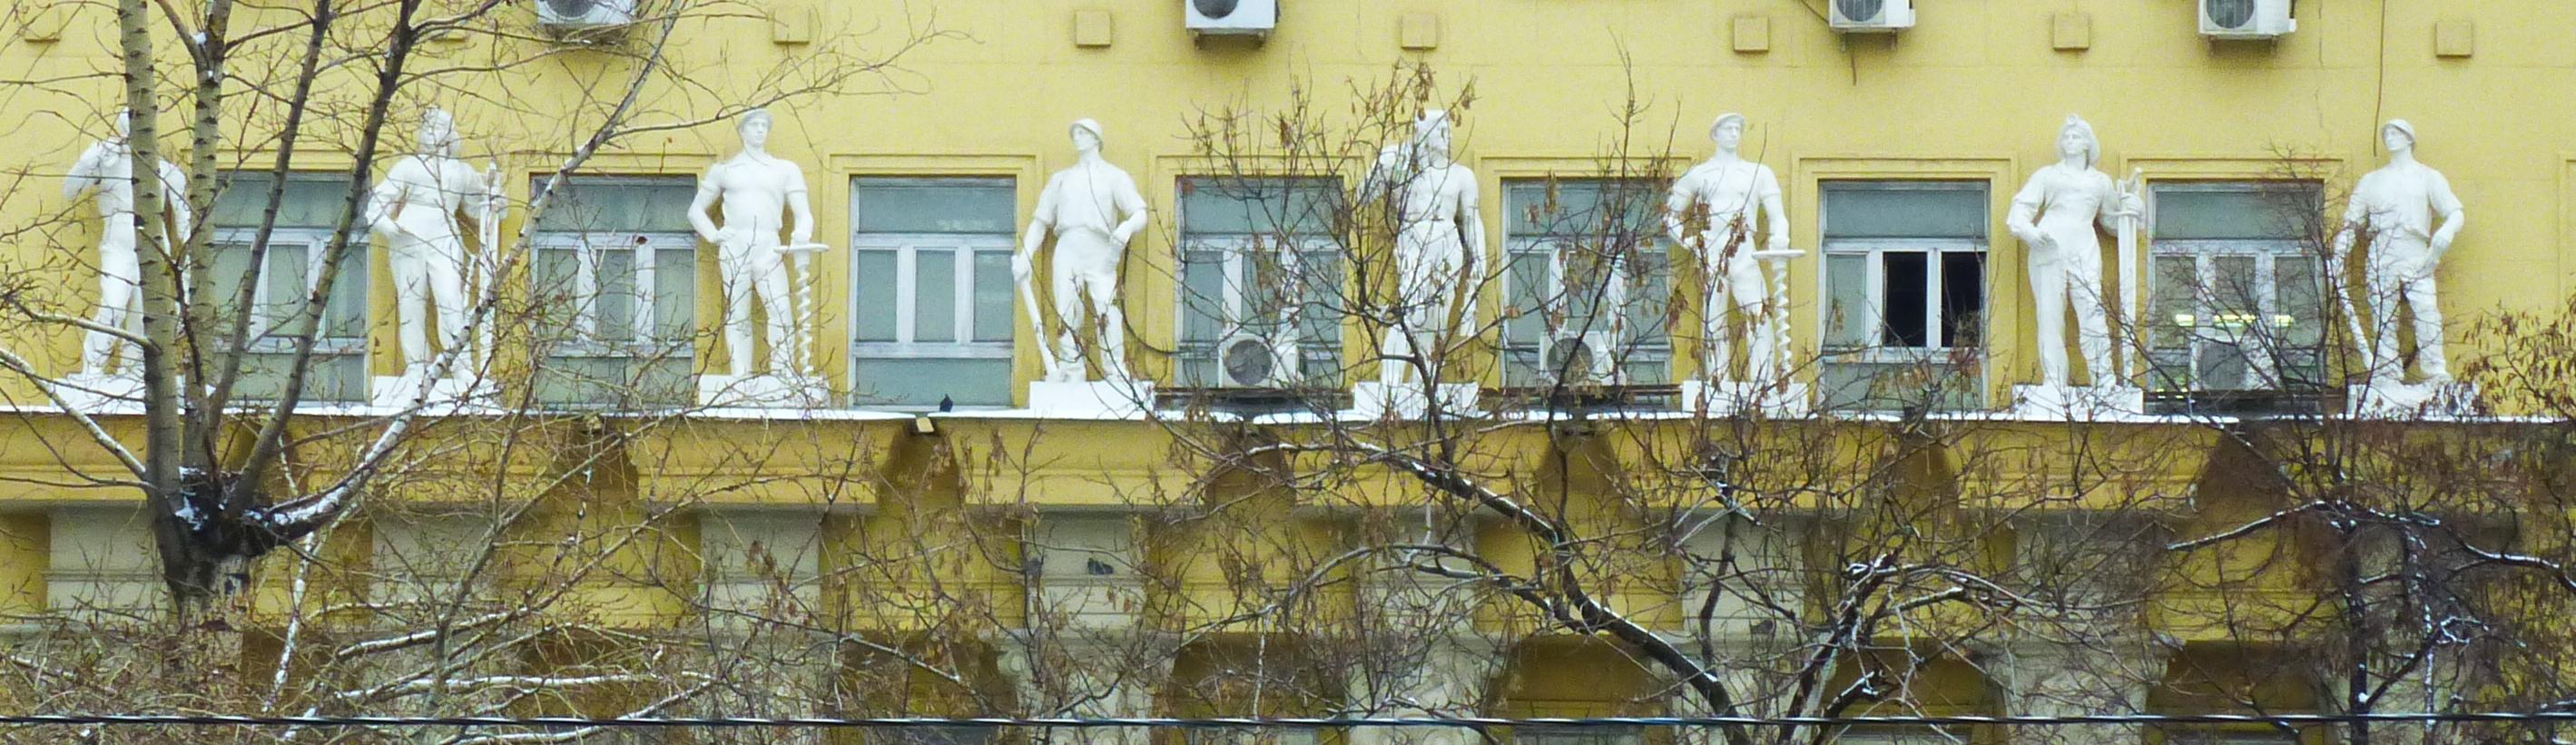 26 больница санкт-петербург официальный сайт